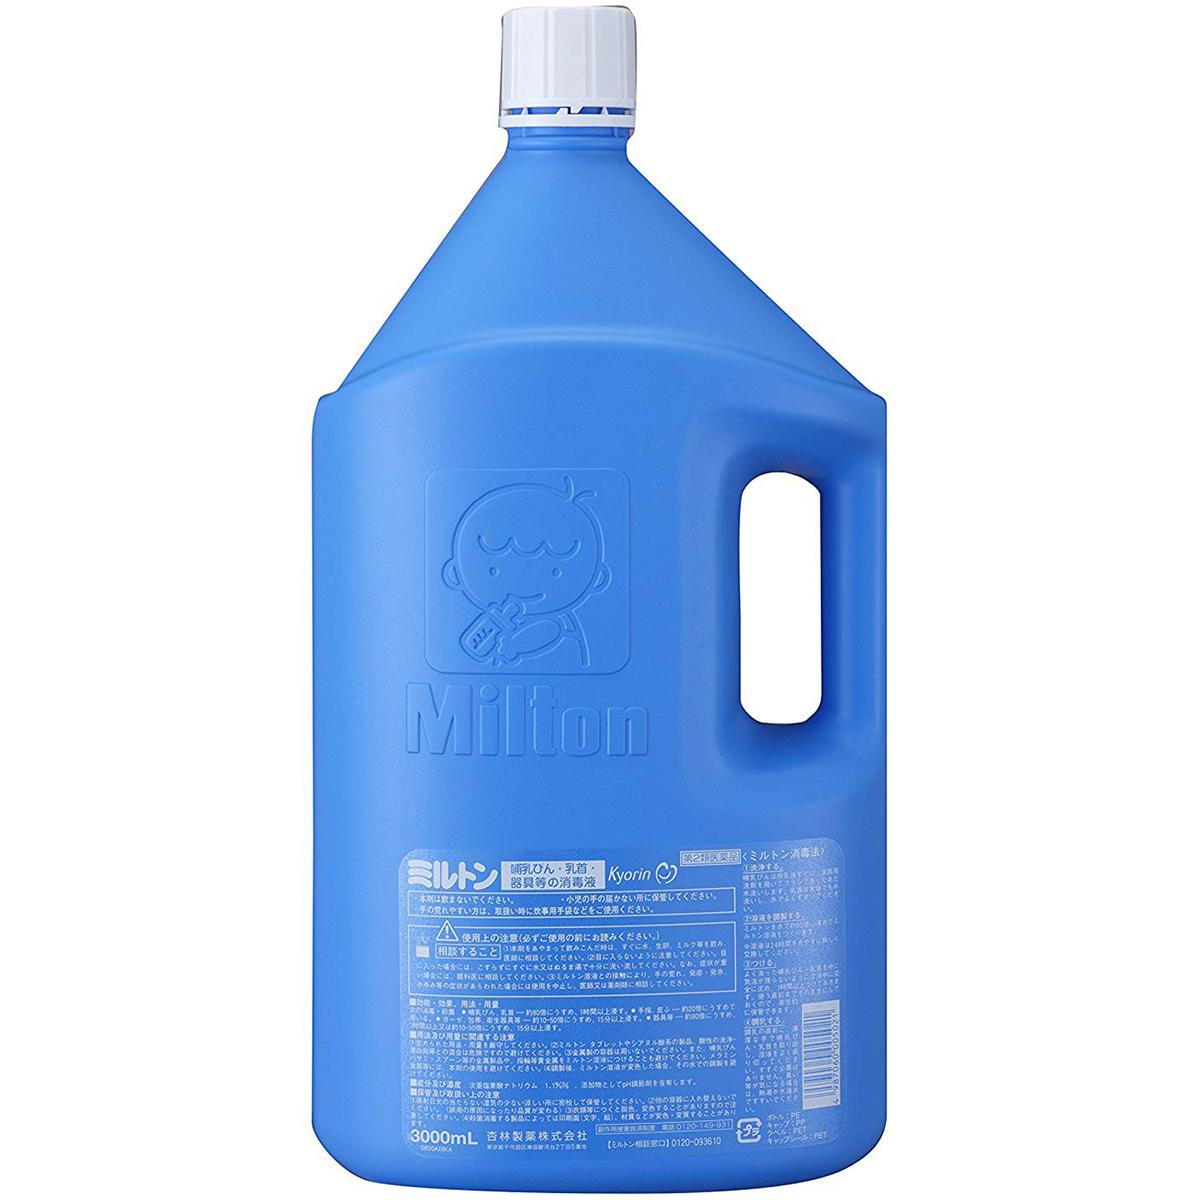 【第2類医薬品】【発J】次亜塩素酸ナトリウム配合哺乳瓶消毒杏林製薬 ミルトン液体タイプ 3L×3(1ケース), GoodBaby(グッドベビー):1913d467 --- sunward.msk.ru